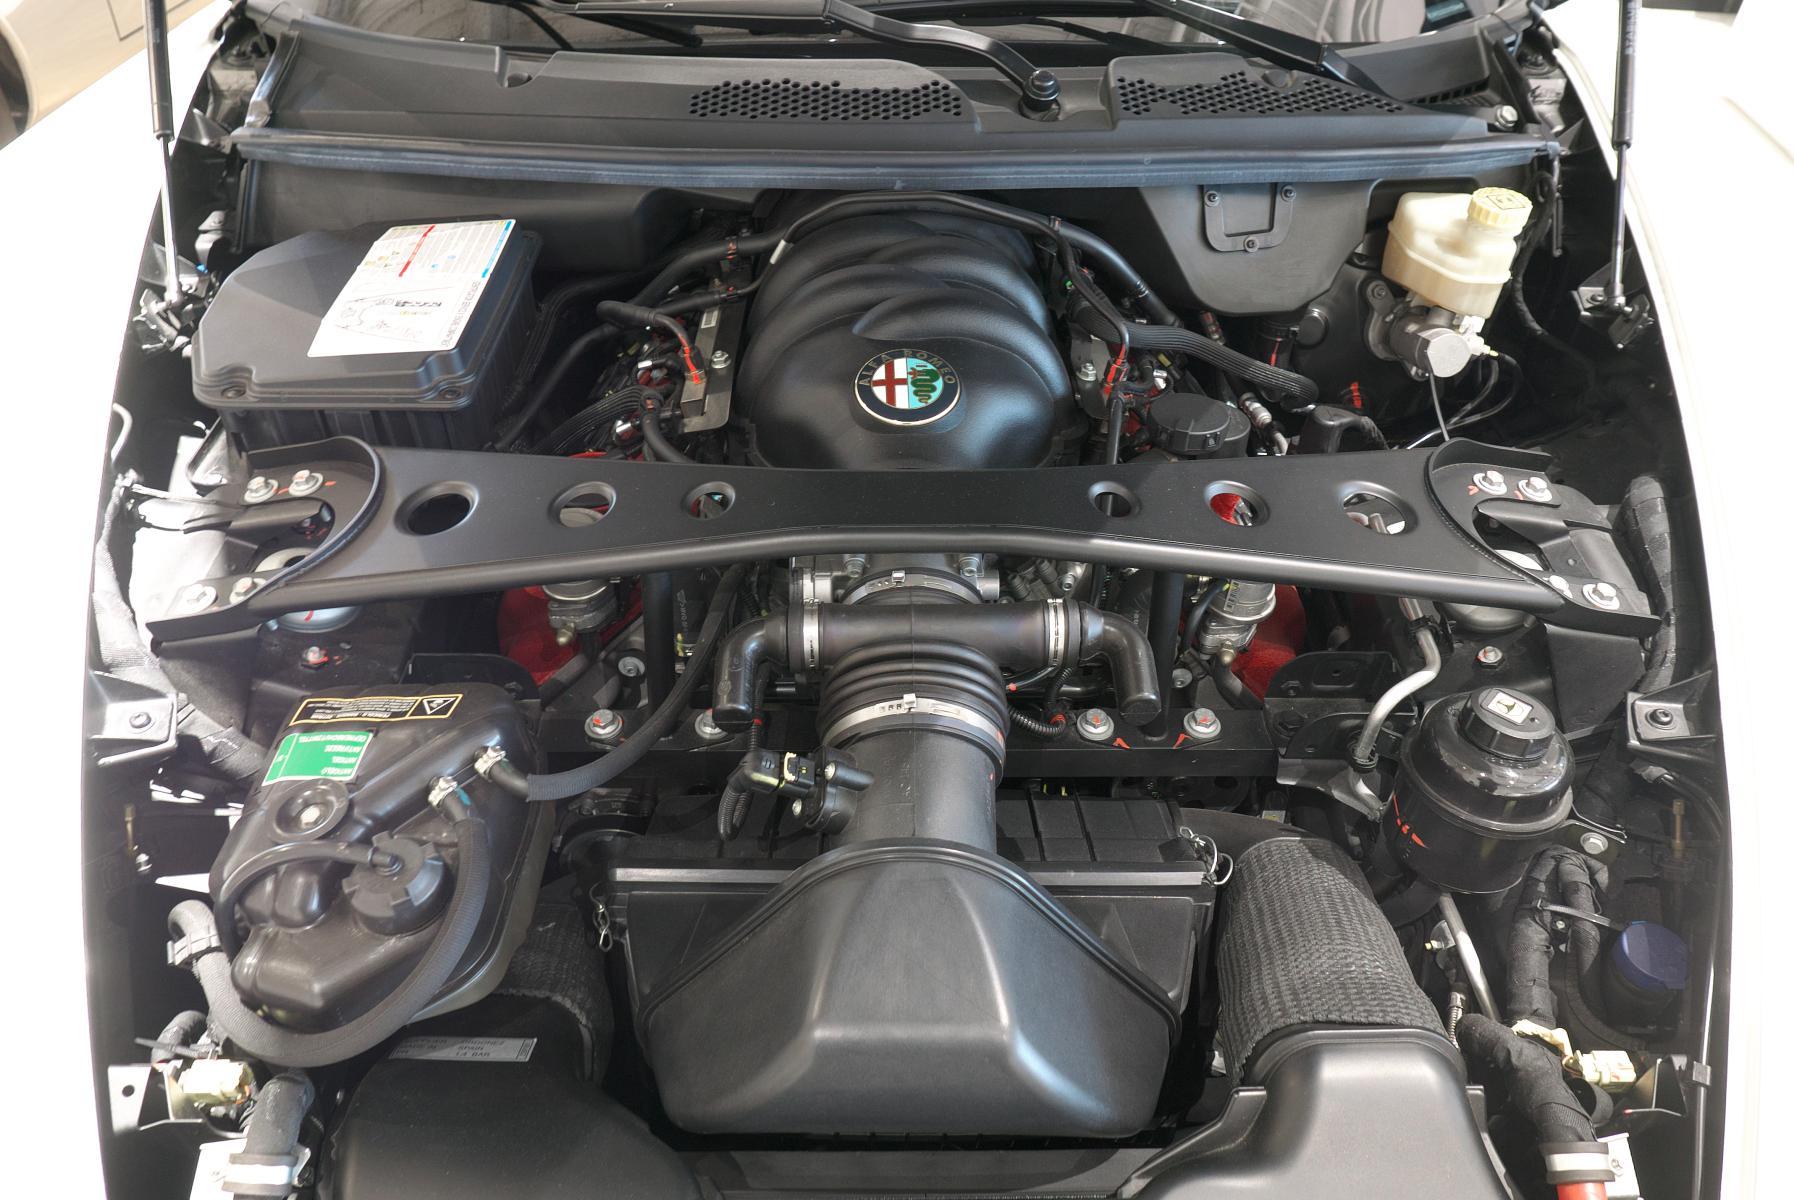 アルファロメオ 8C スパイダー 4.7L V8エンジン